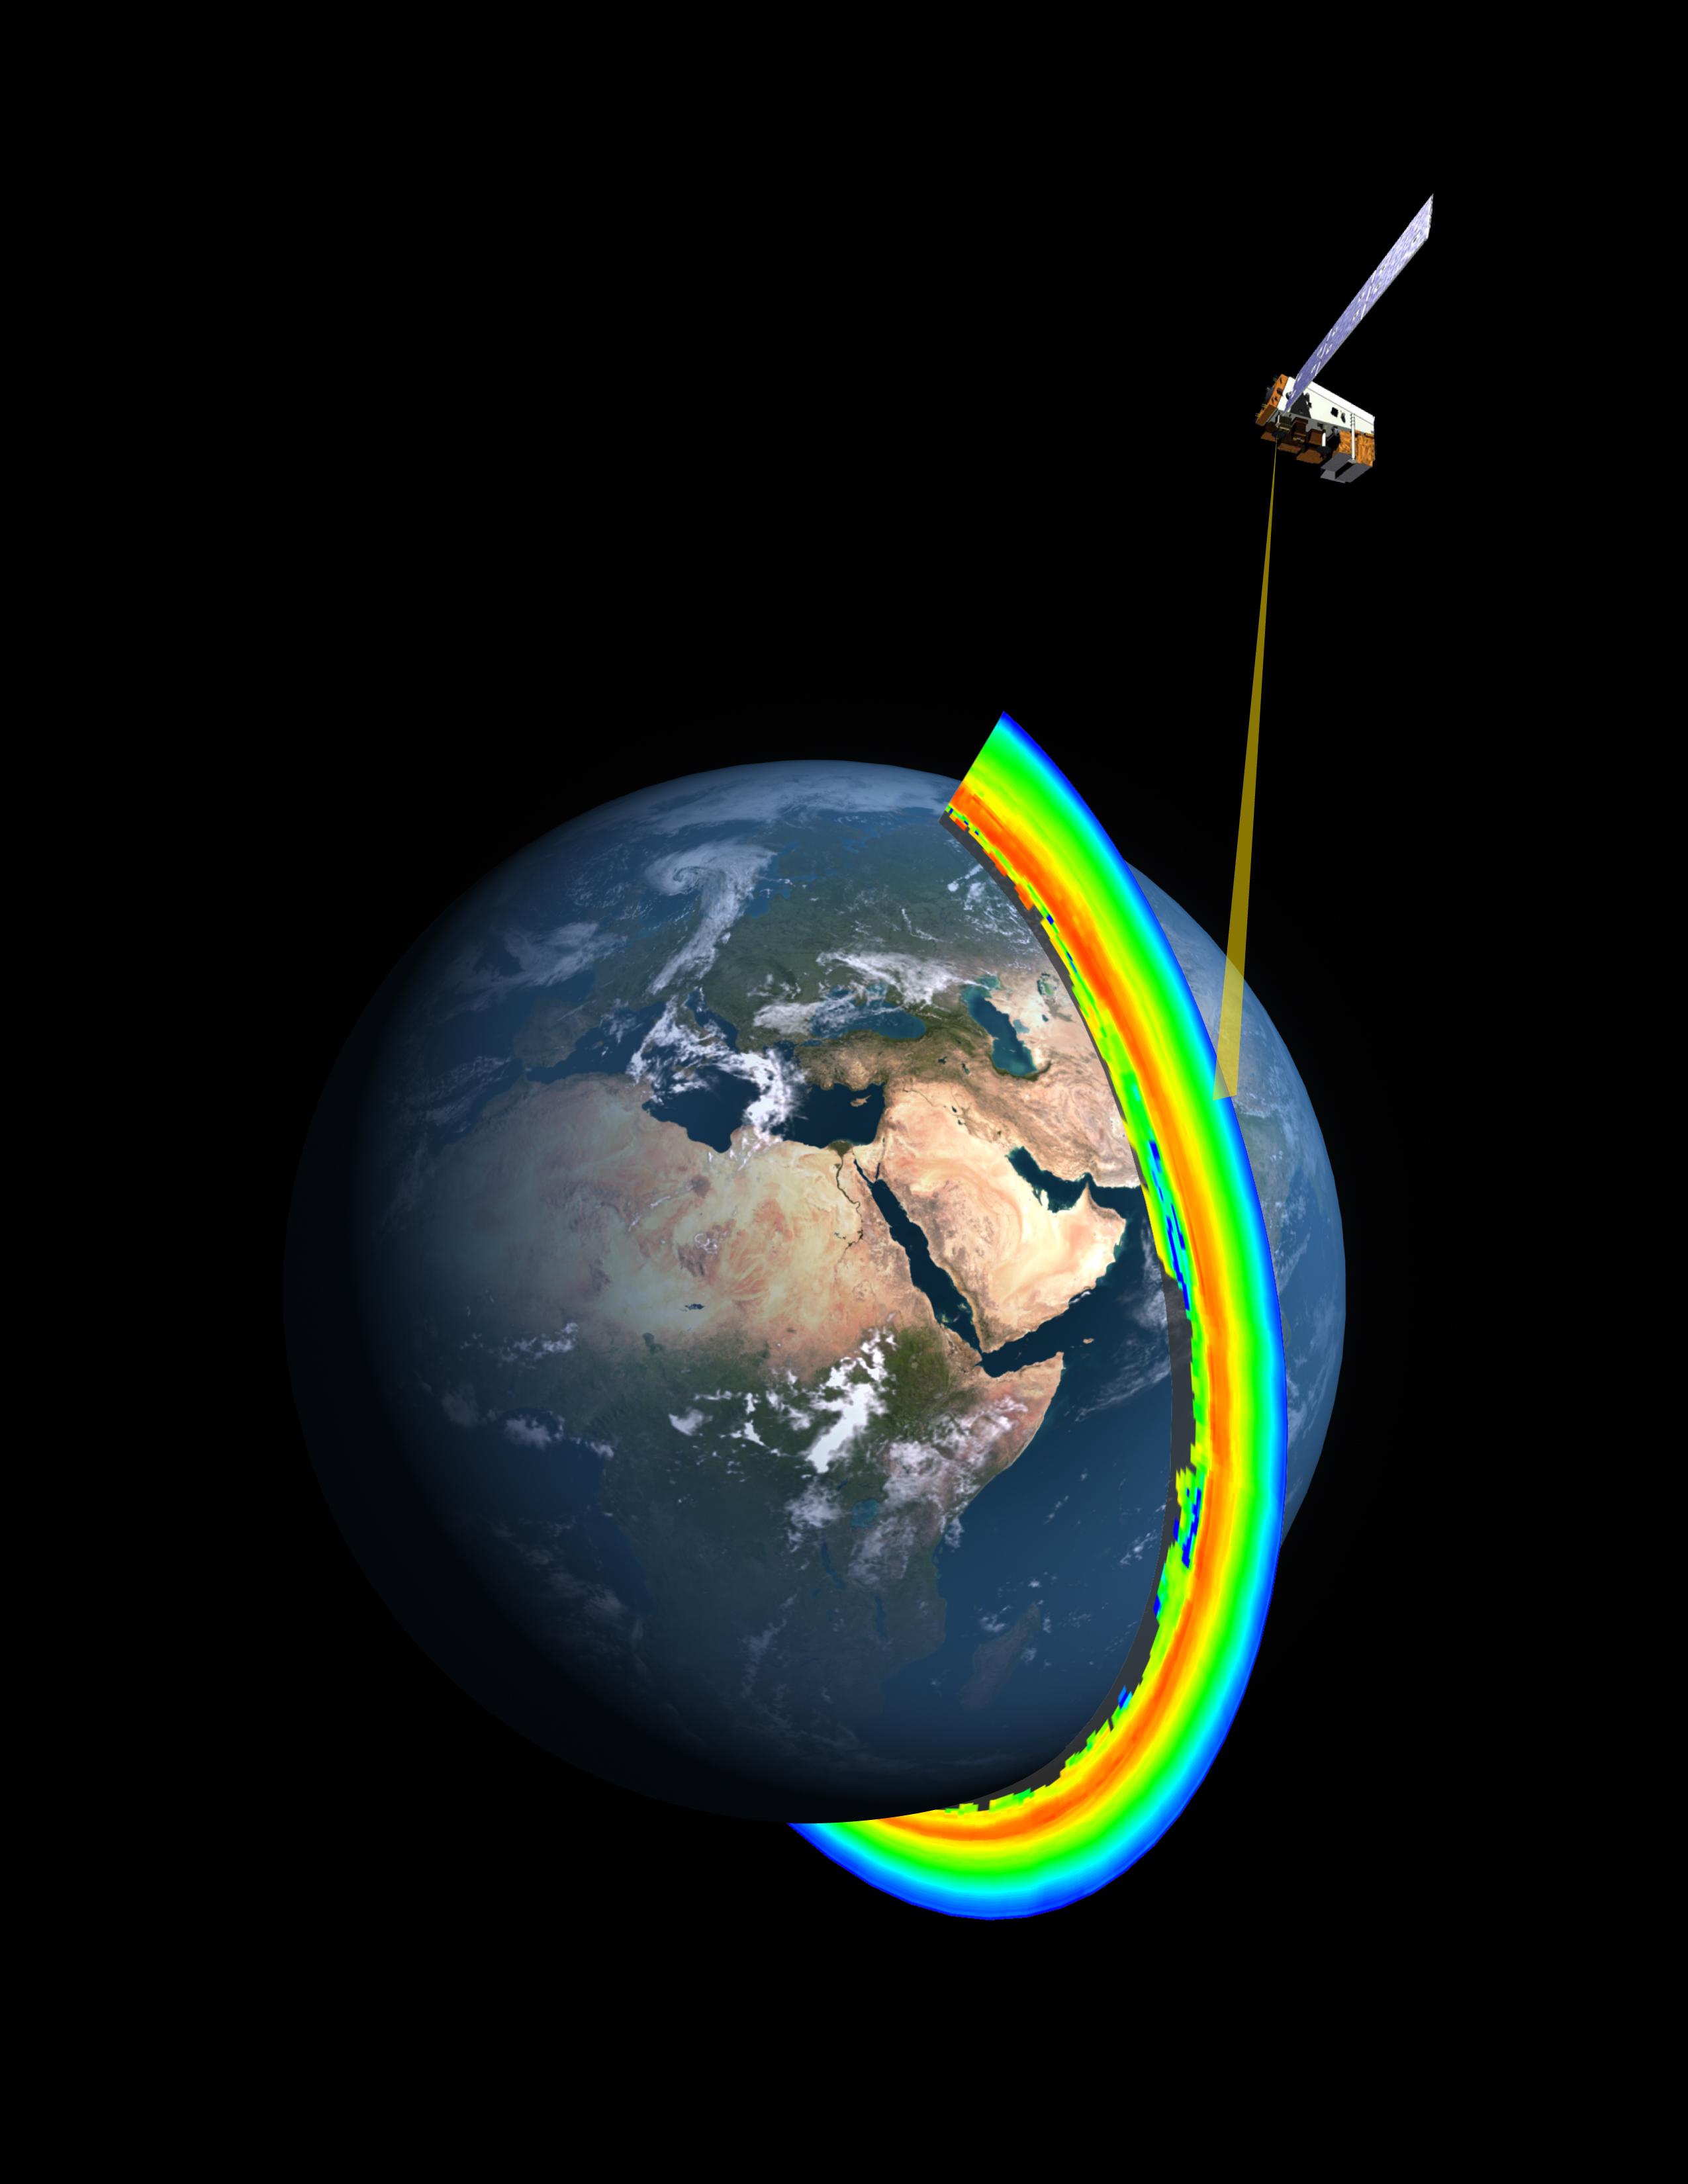 ozone from earth nasa - photo #33